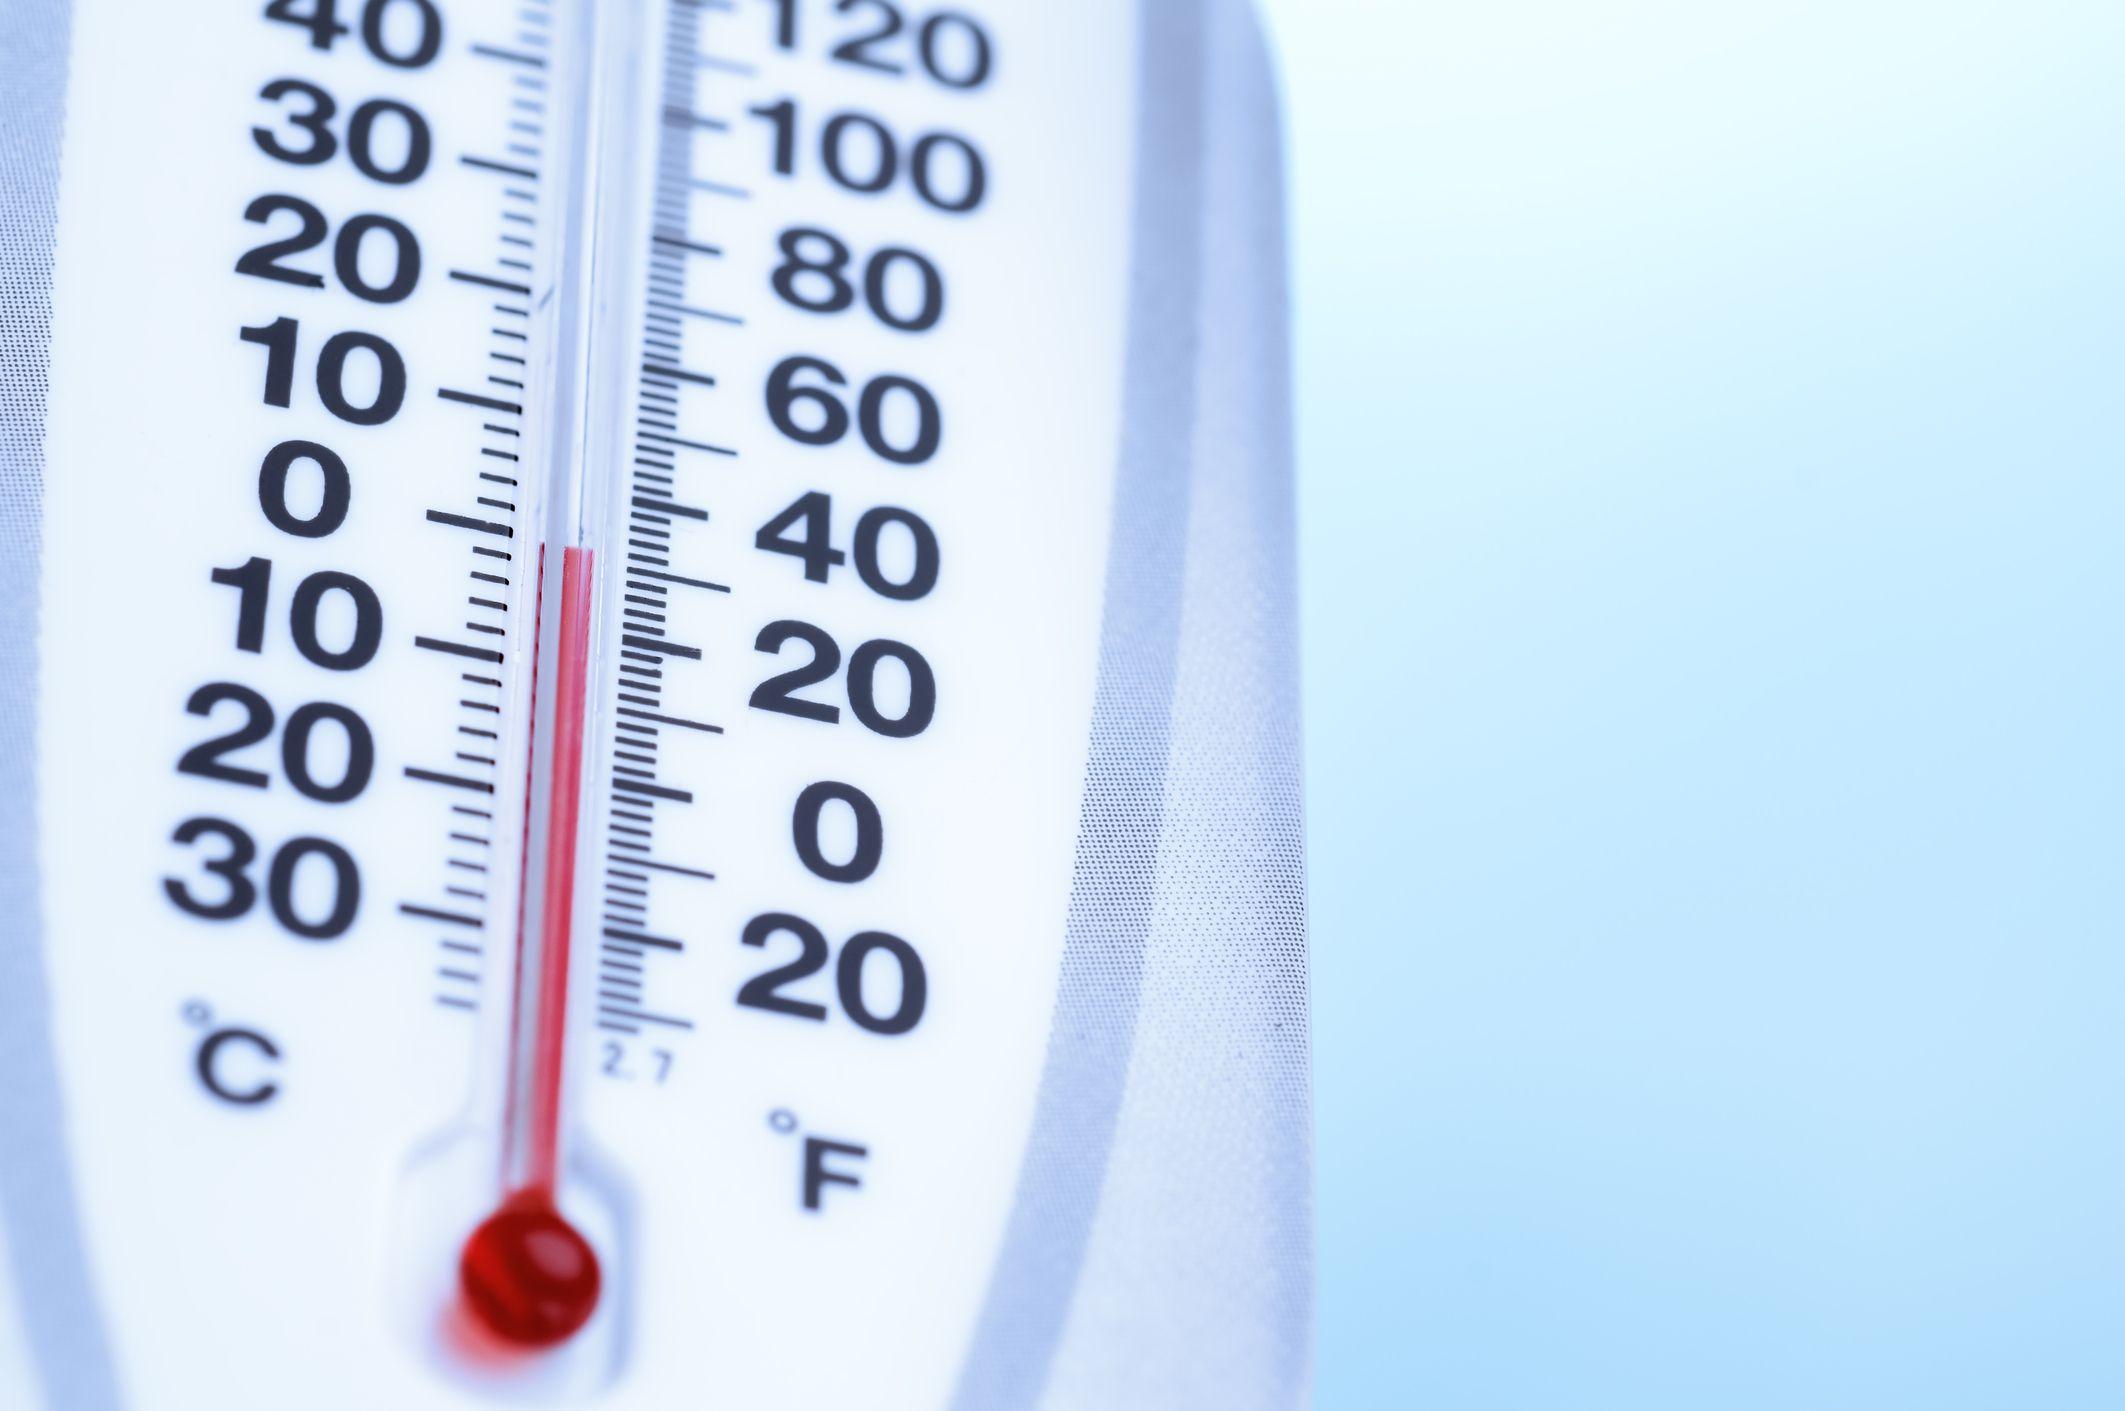 Conversões de Medidas na Cozinha: Fahrenheit, Celsius, Pound, Ounce etc.